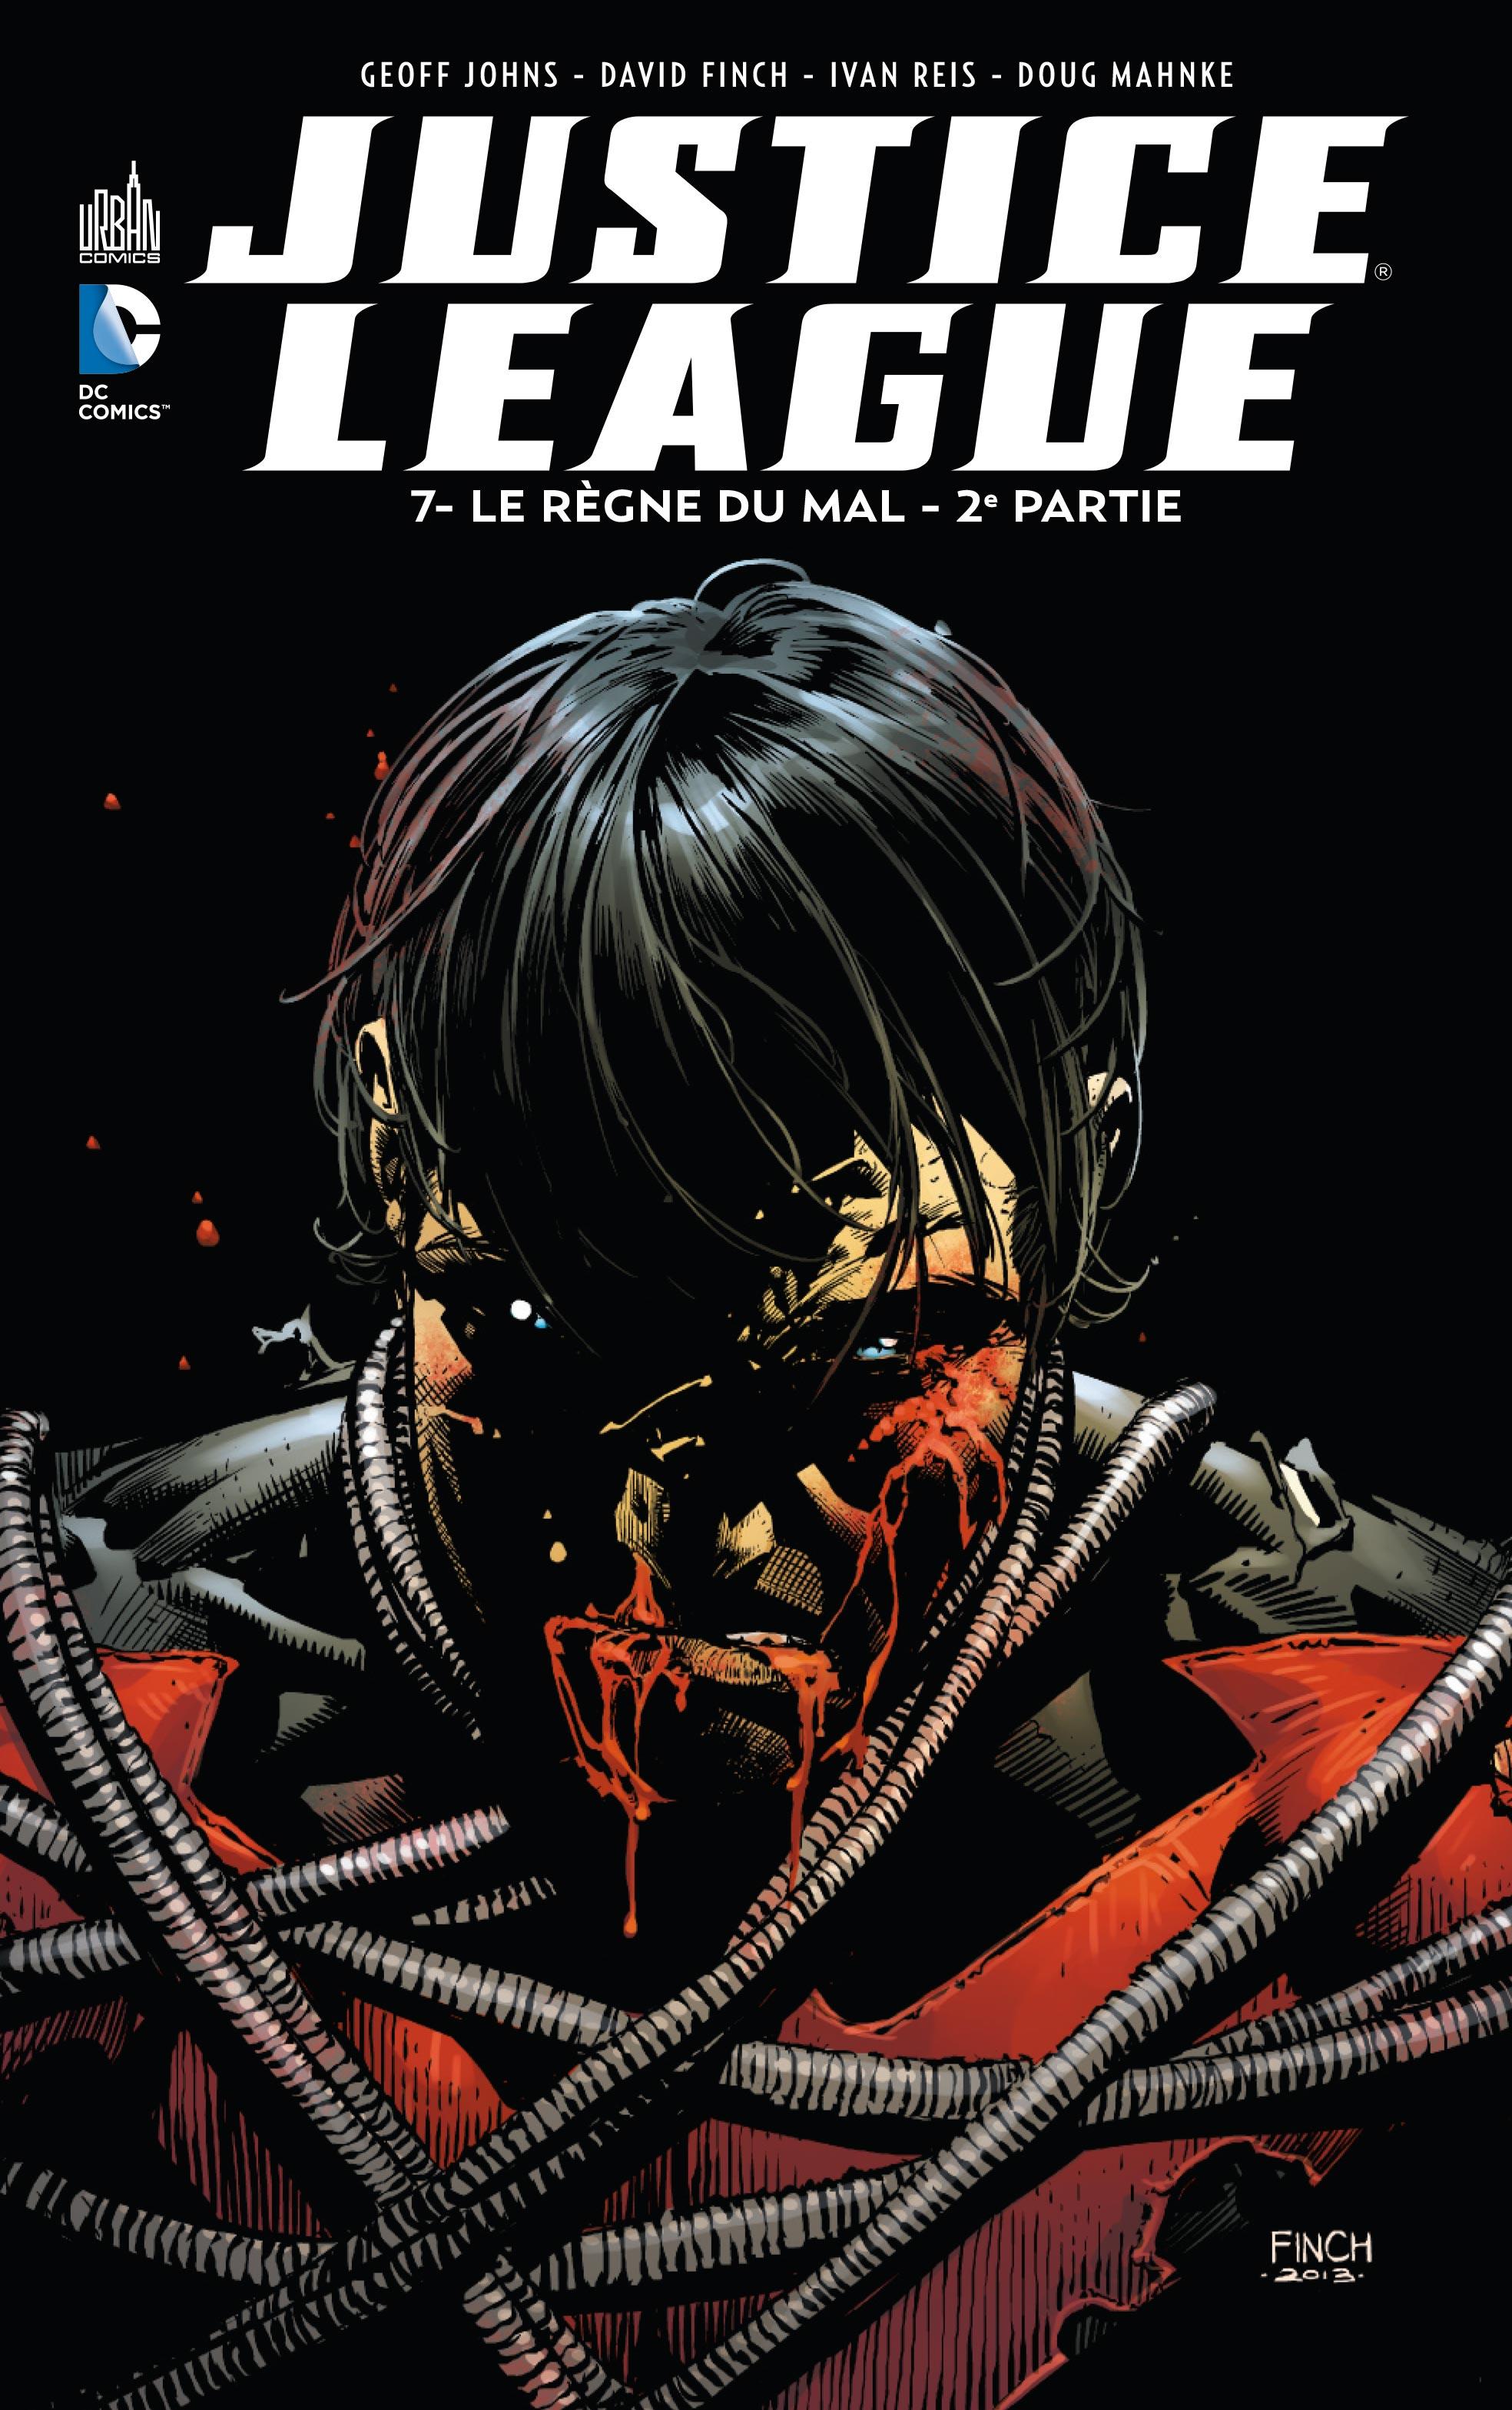 Critique de Justice League Tome 7 - Le Règne du Mal